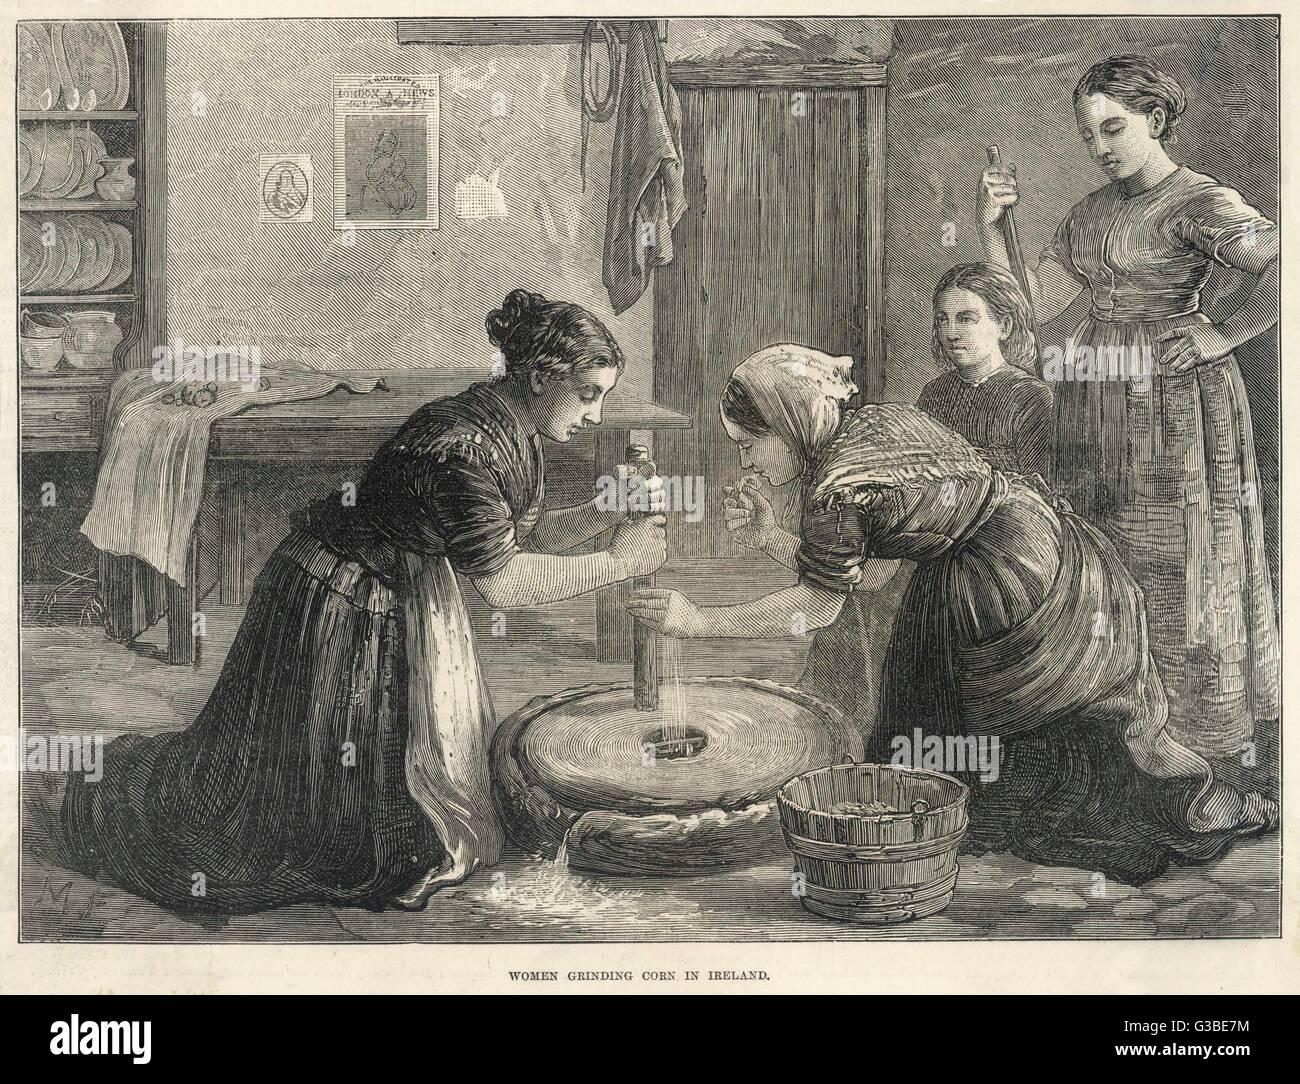 Irish women grind corn by  hand.         Date: 1874 - Stock Image